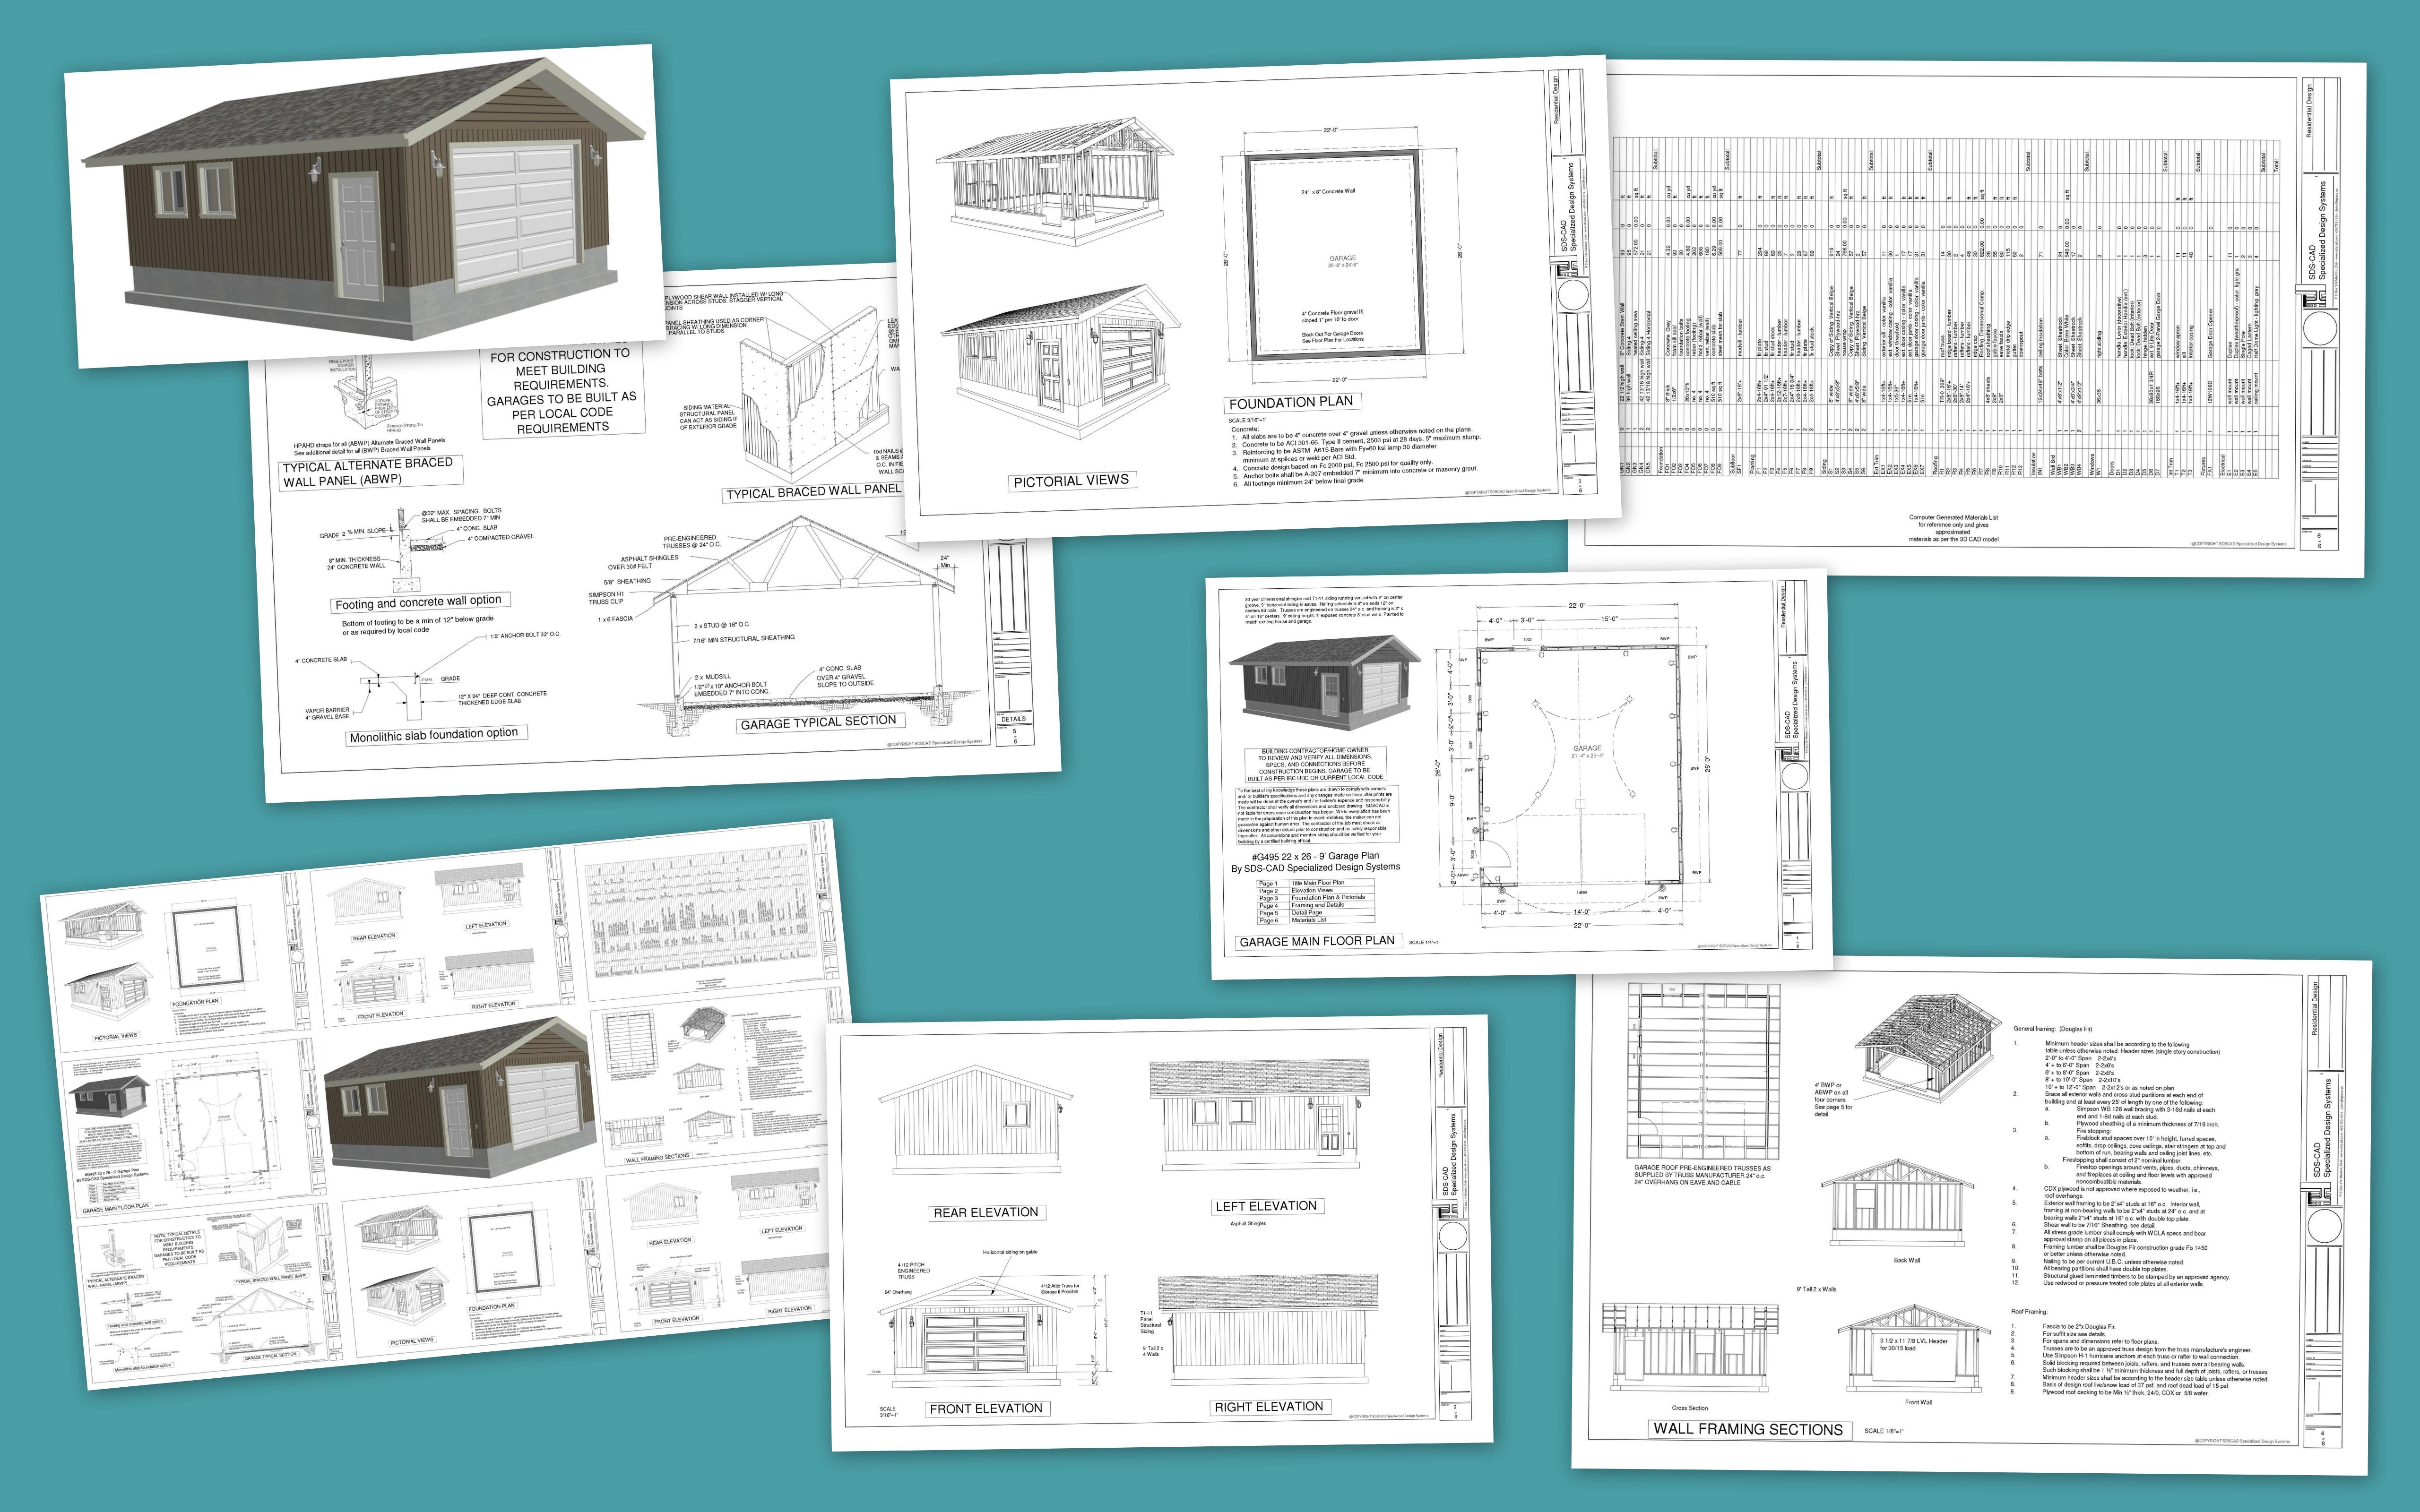 G495 Garage Plans